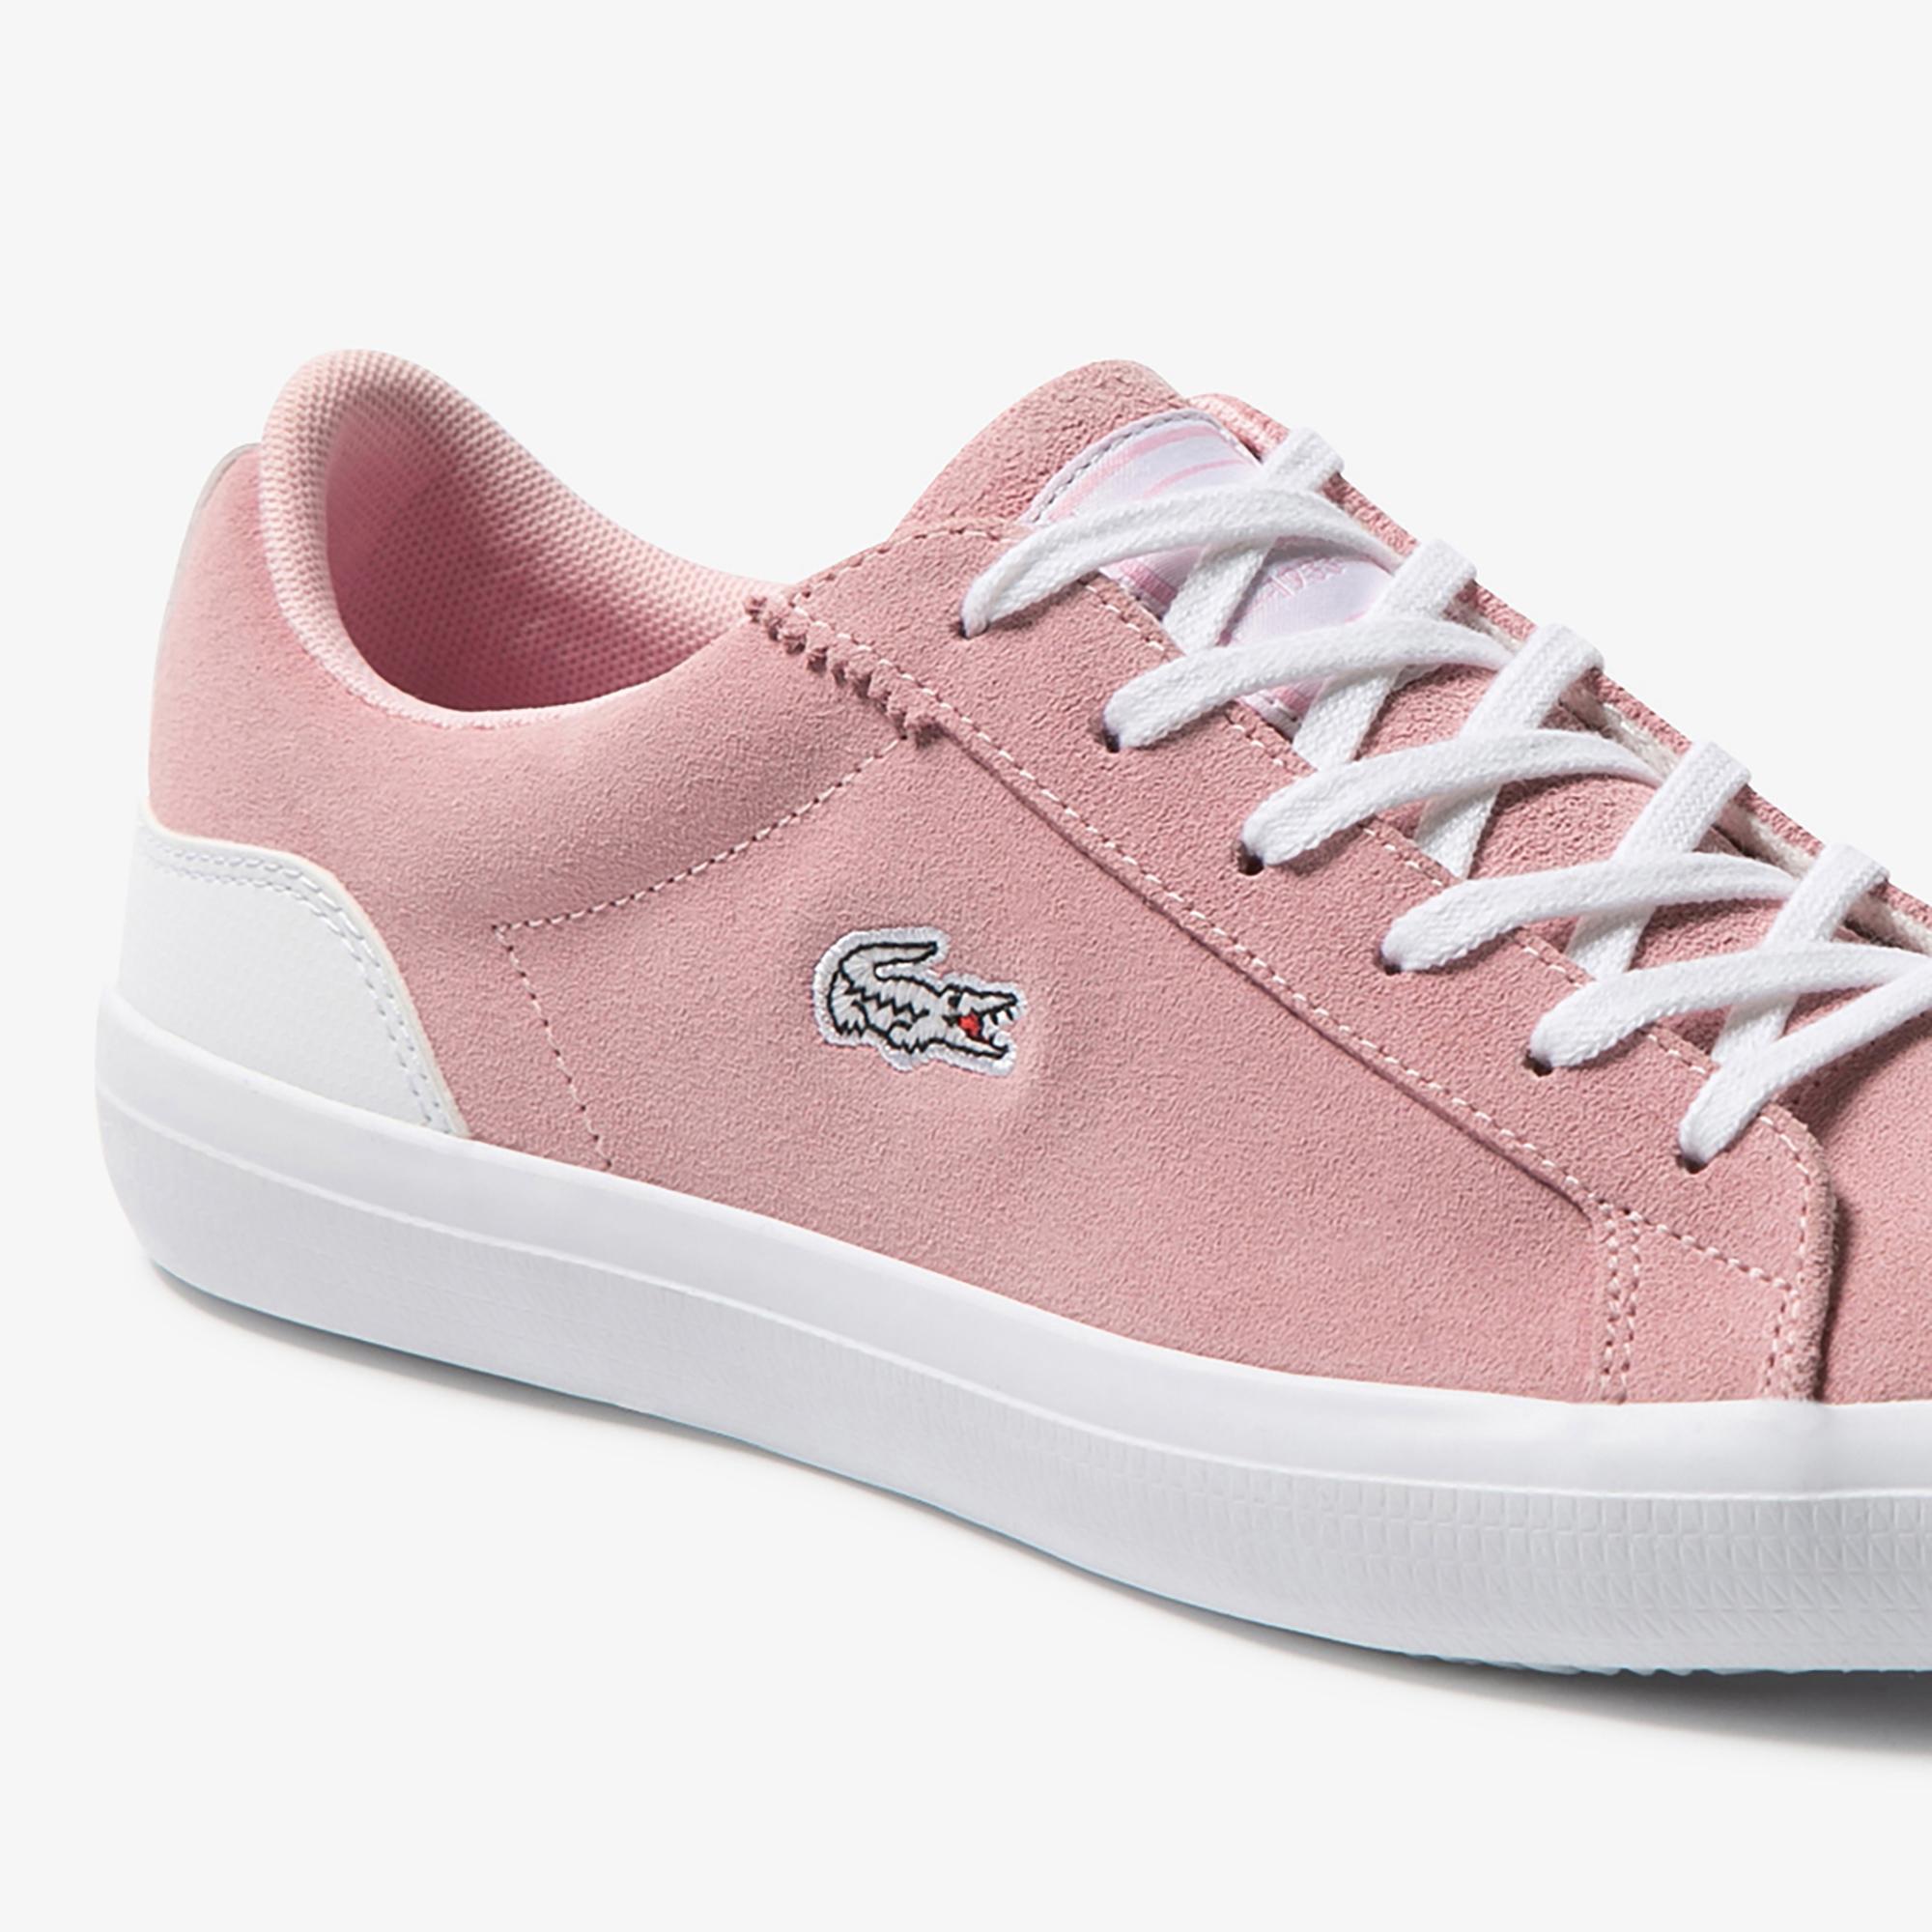 Lacoste Lerond 120 2 Women's Sneakers